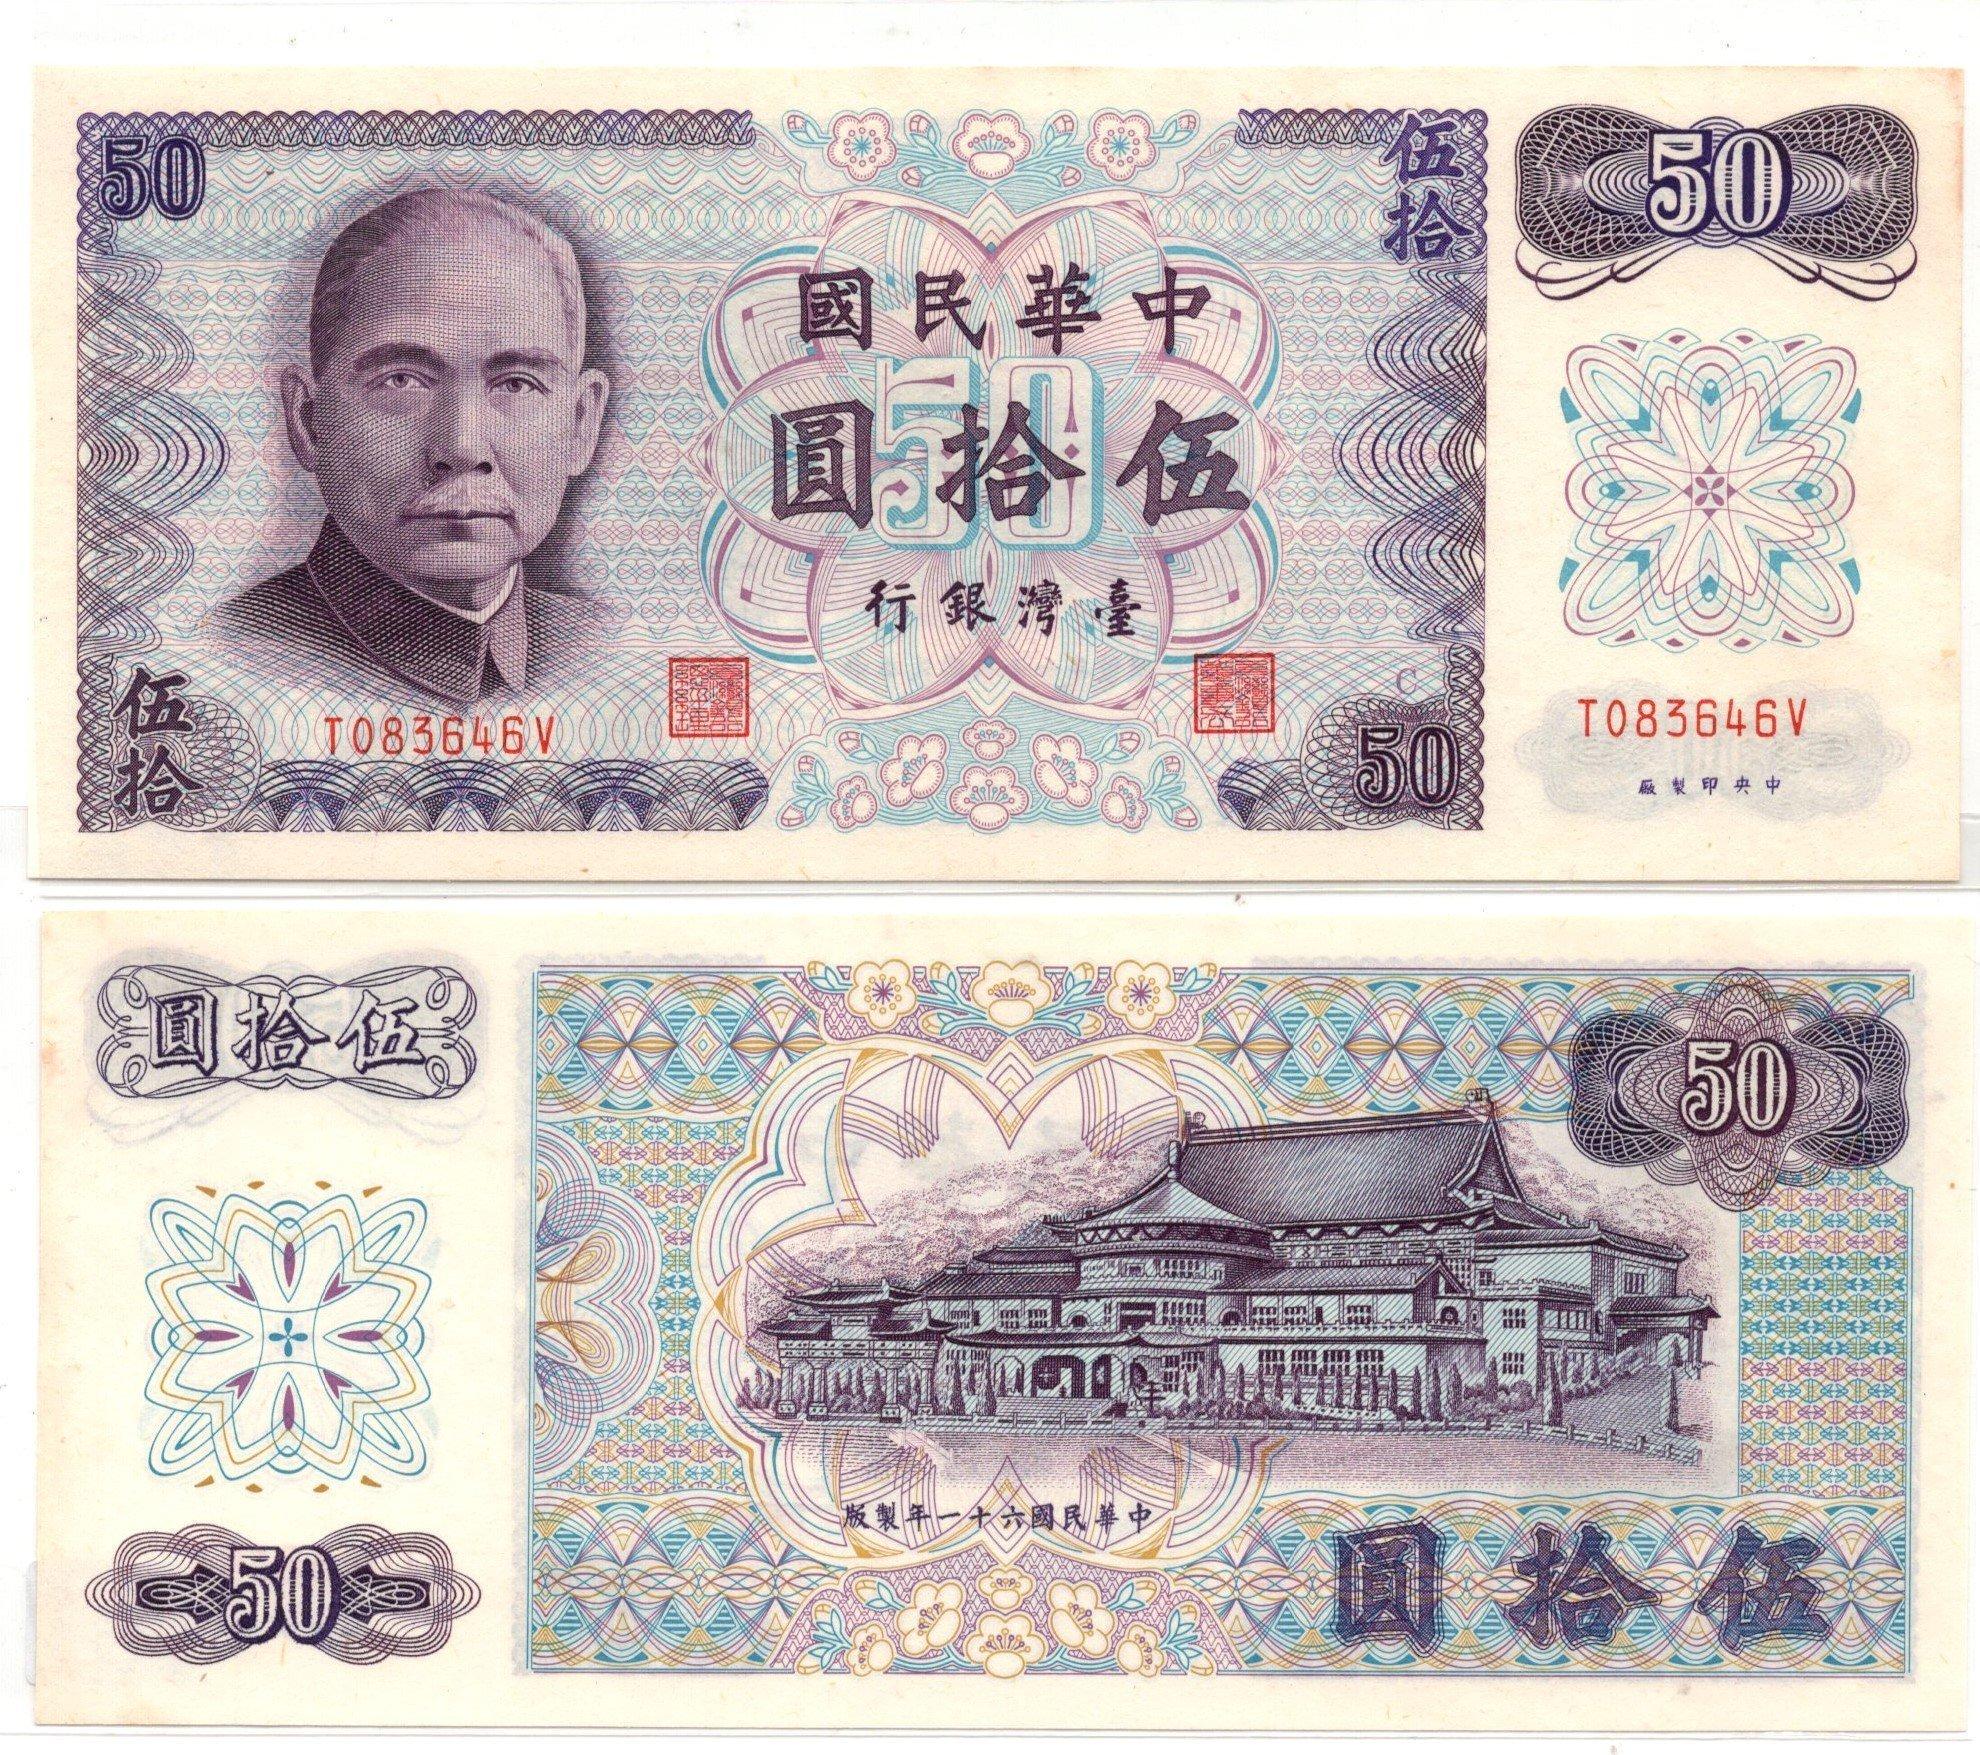 Taiwan 50 dollars